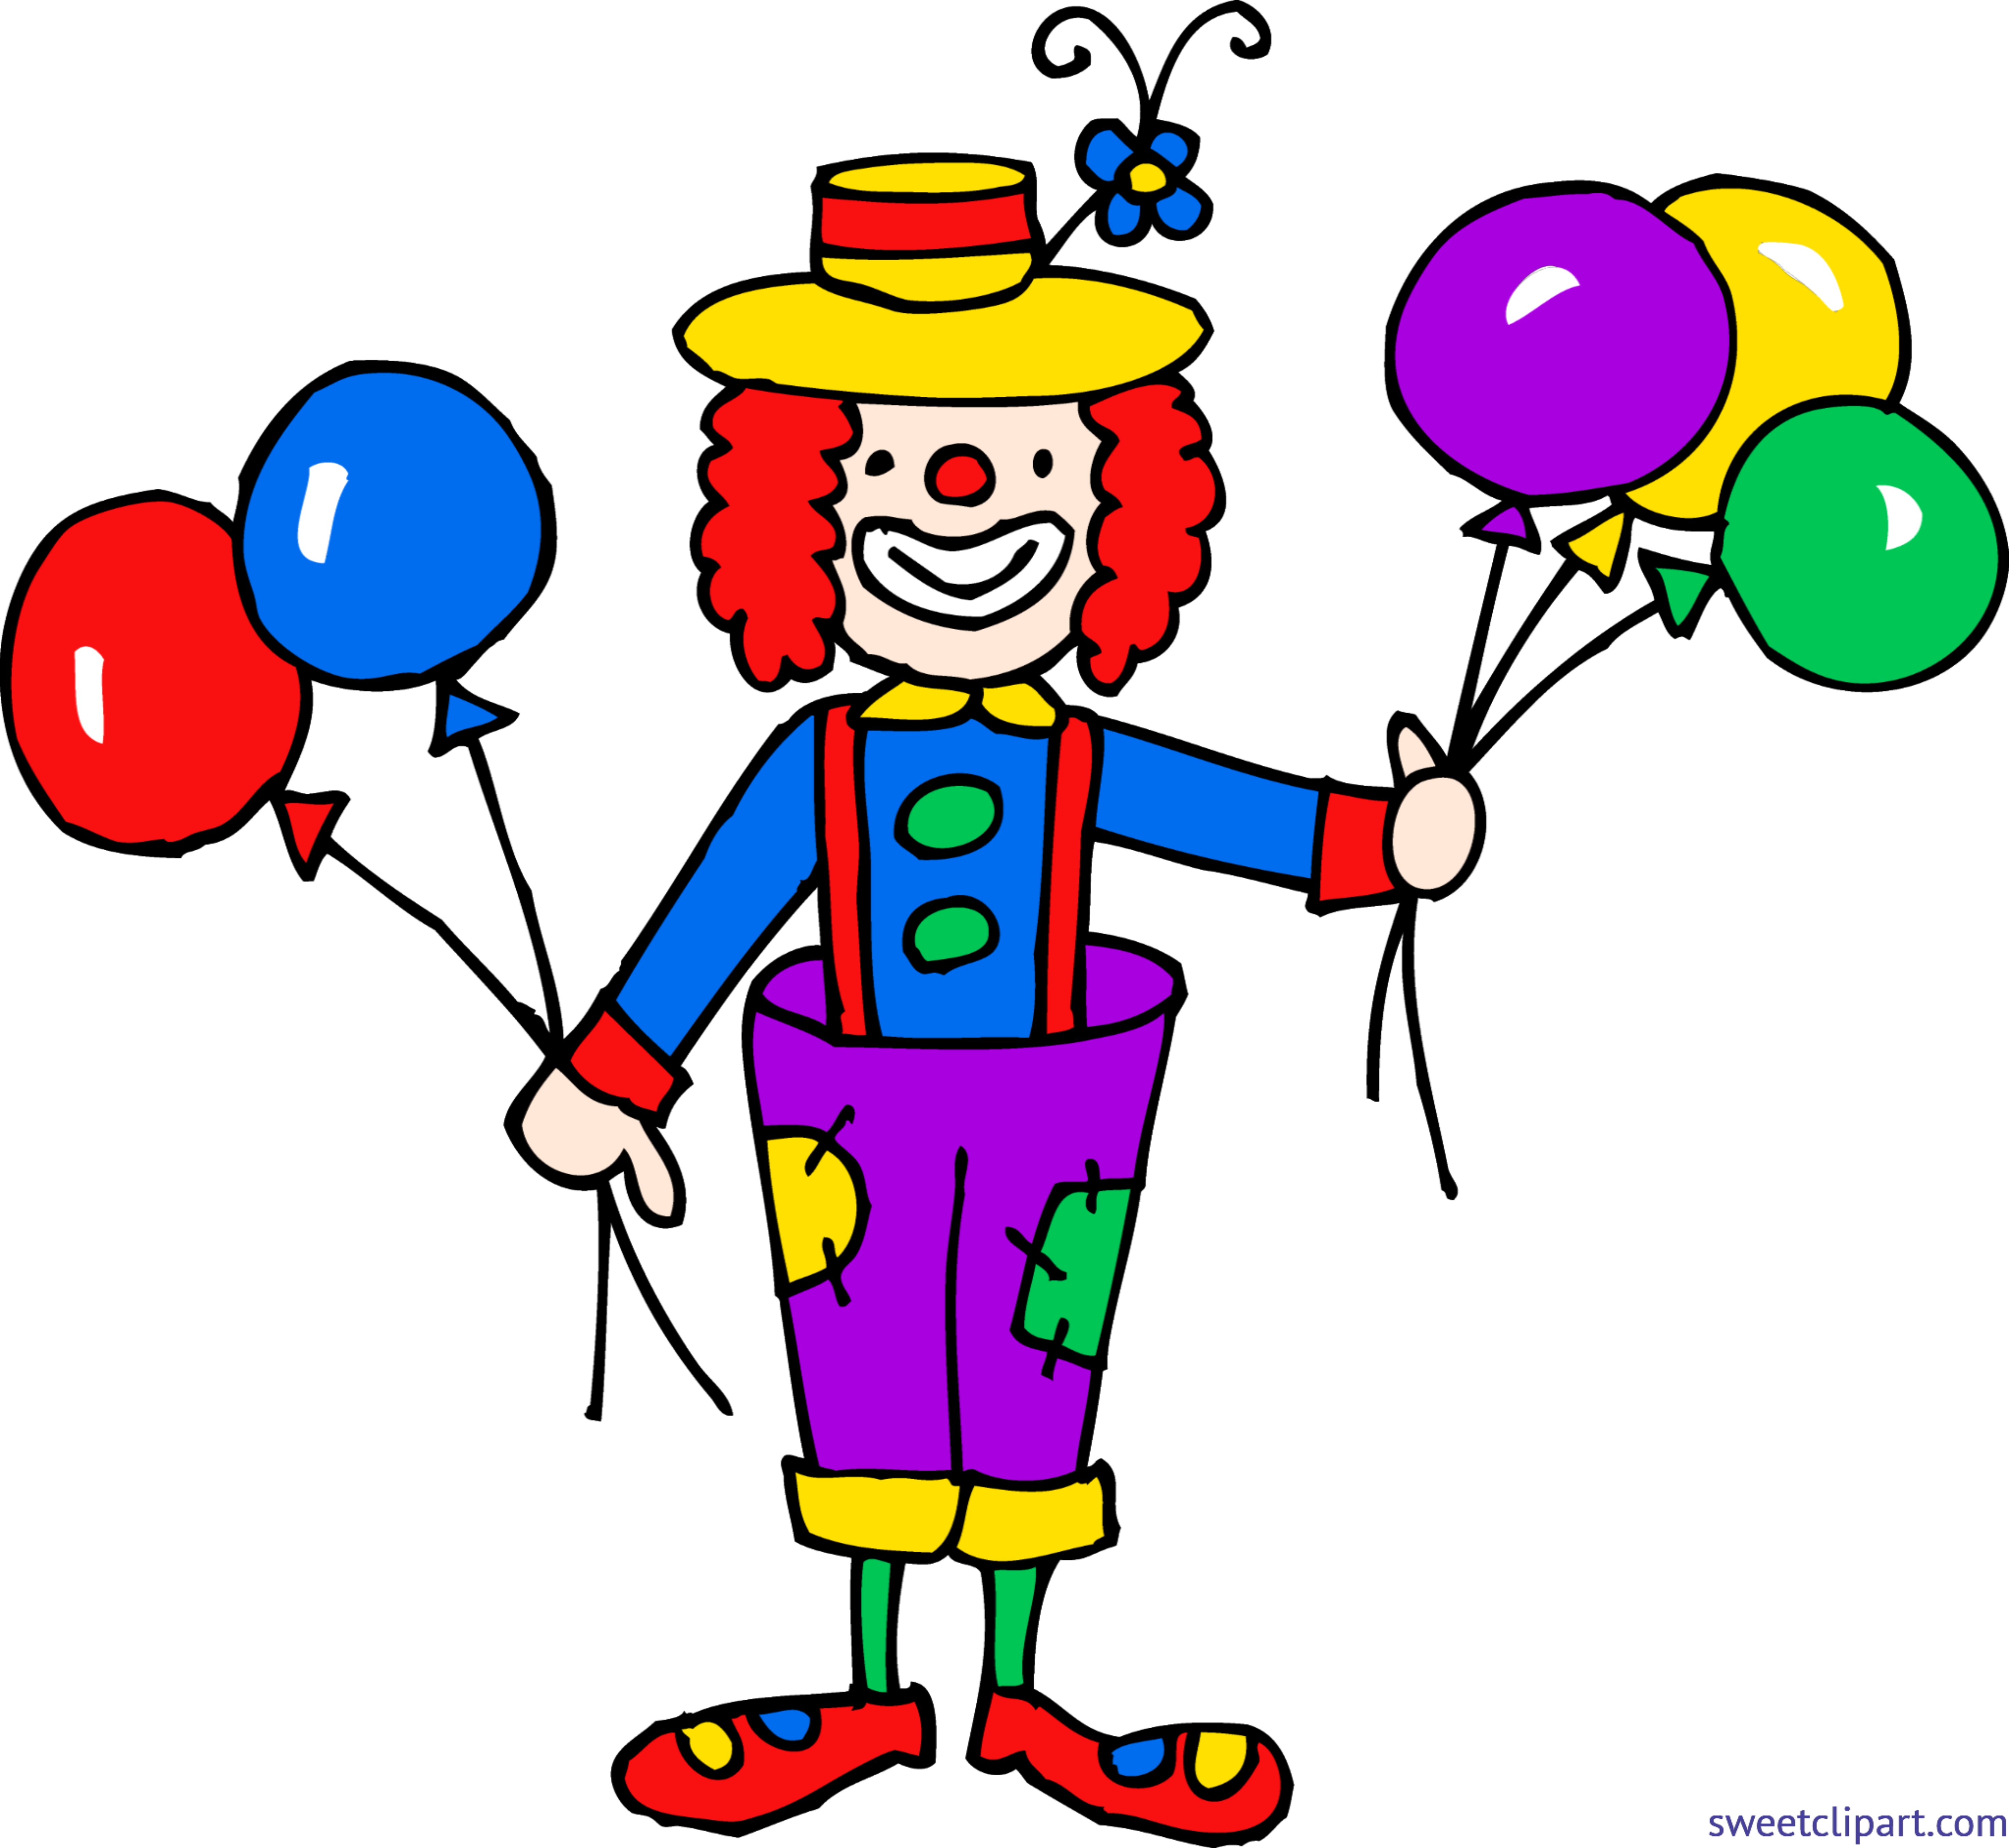 Cute Clown With Balloons Clip Art.